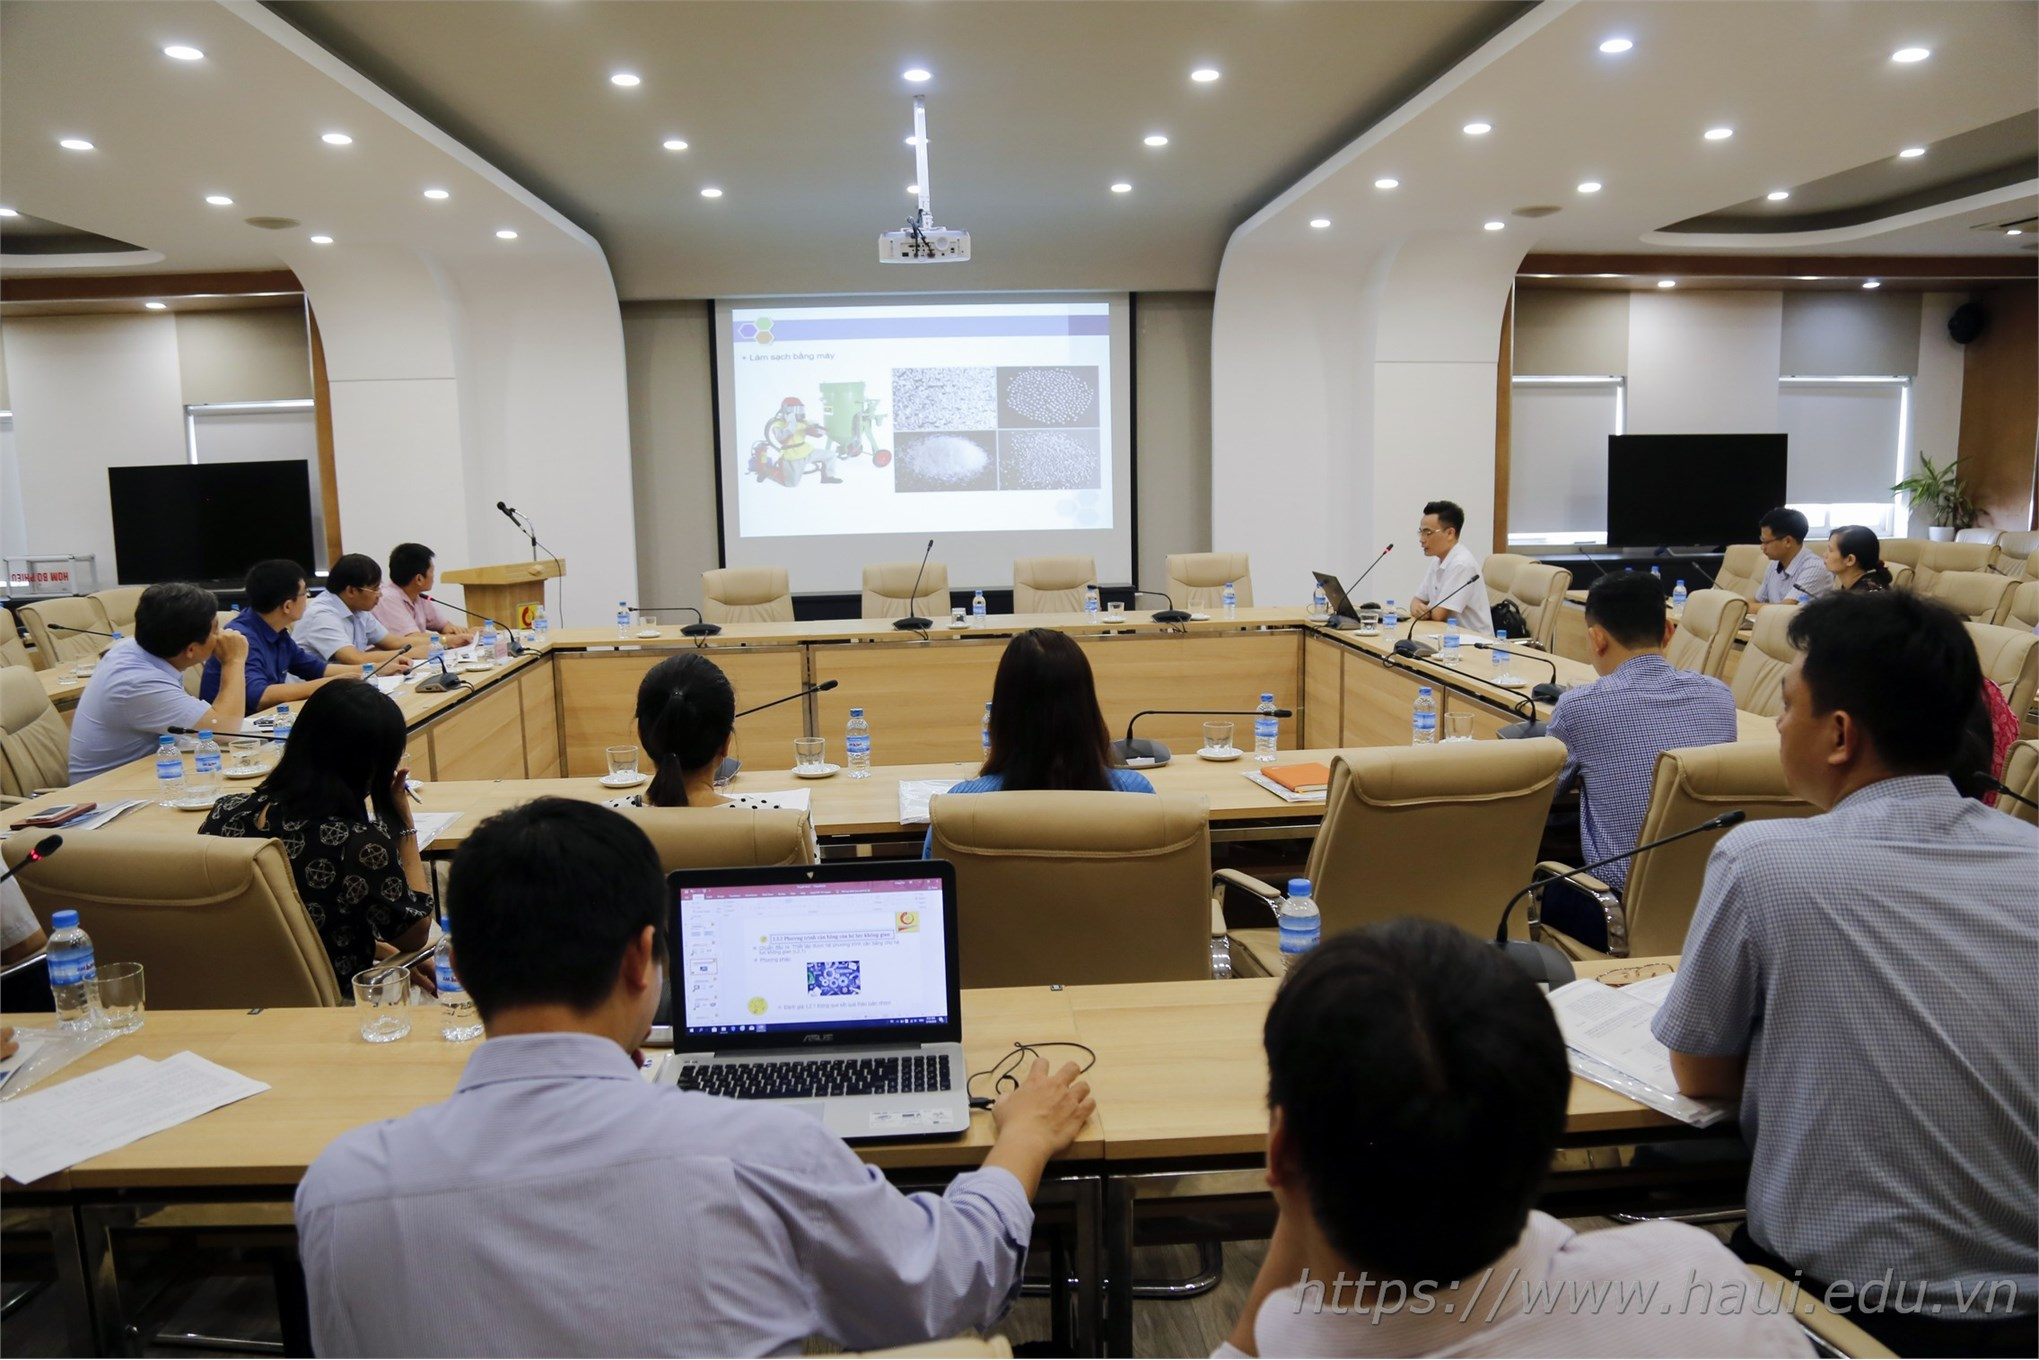 Đại học Công nghiệp Hà Nội tổ chức Hội nghị Khoa học chào mừng Ngày khoa học và công nghệ Việt Nam 18/5